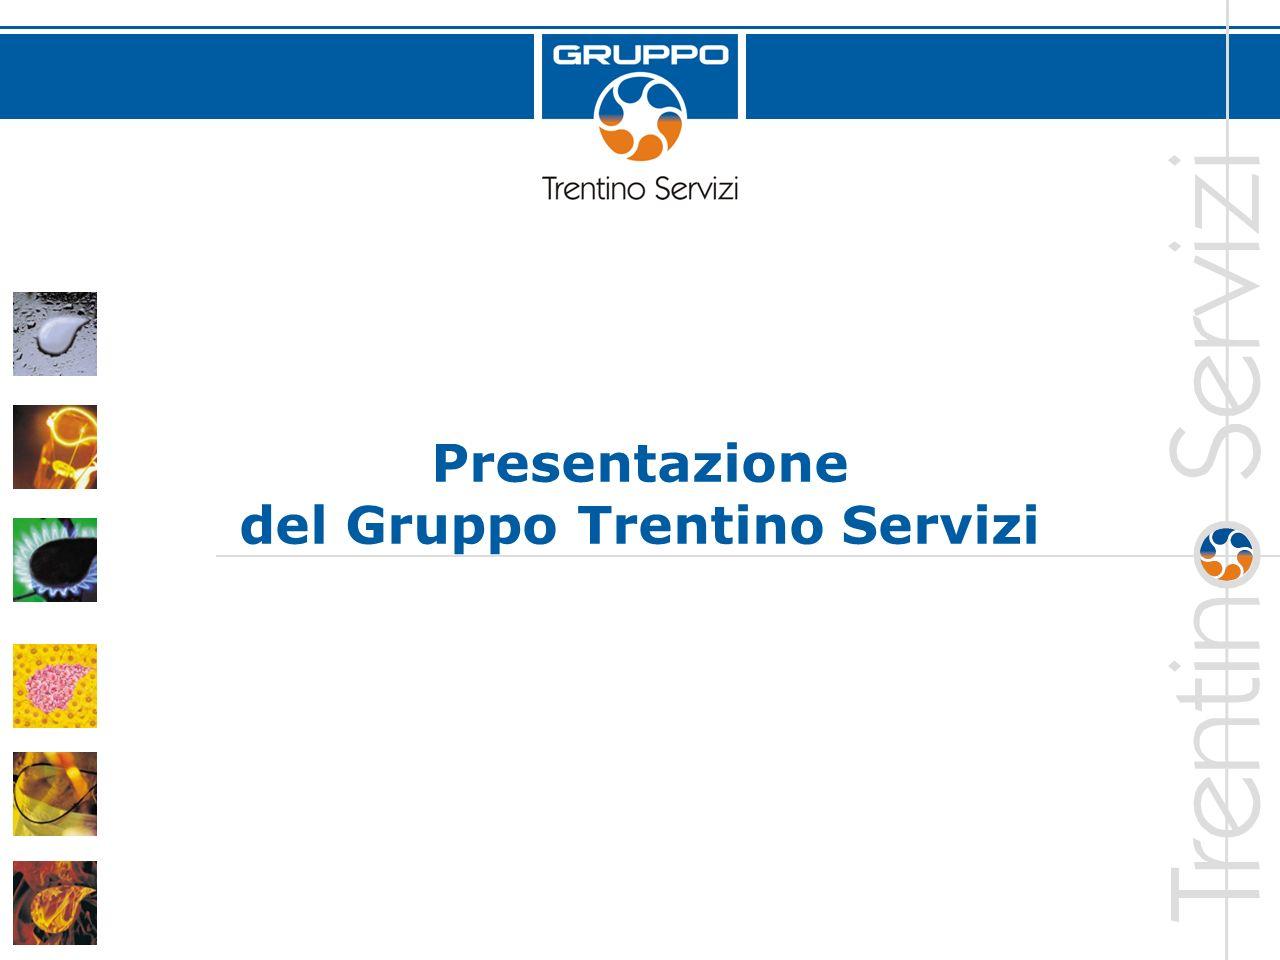 Presentazione del Gruppo Trentino Servizi